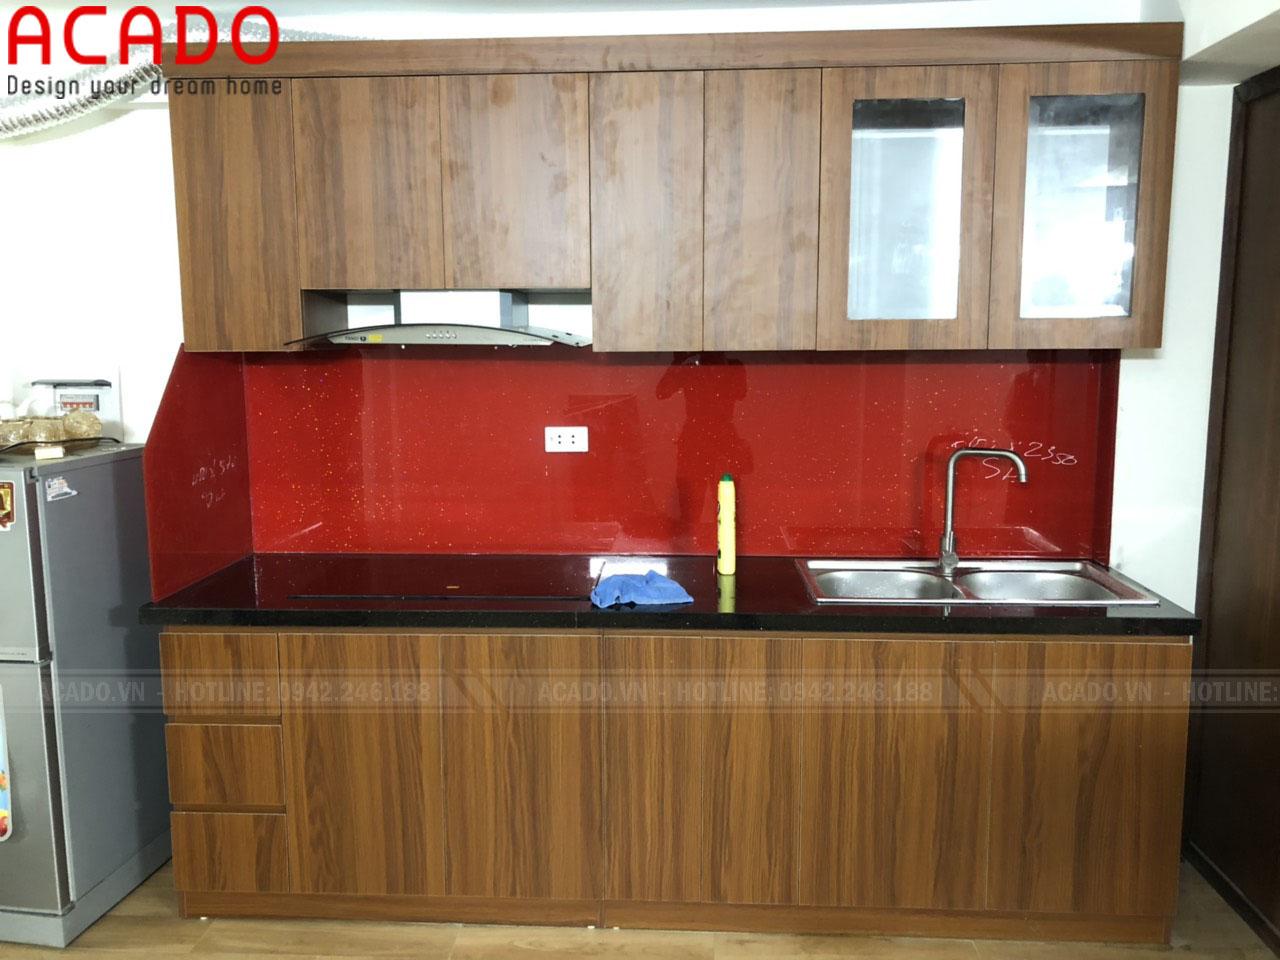 Tủ bếp vân gỗ nâu mang đến không gian ấm cúng cho căn bếp - Thi công tủ bếp tại Hai Bà Trưng